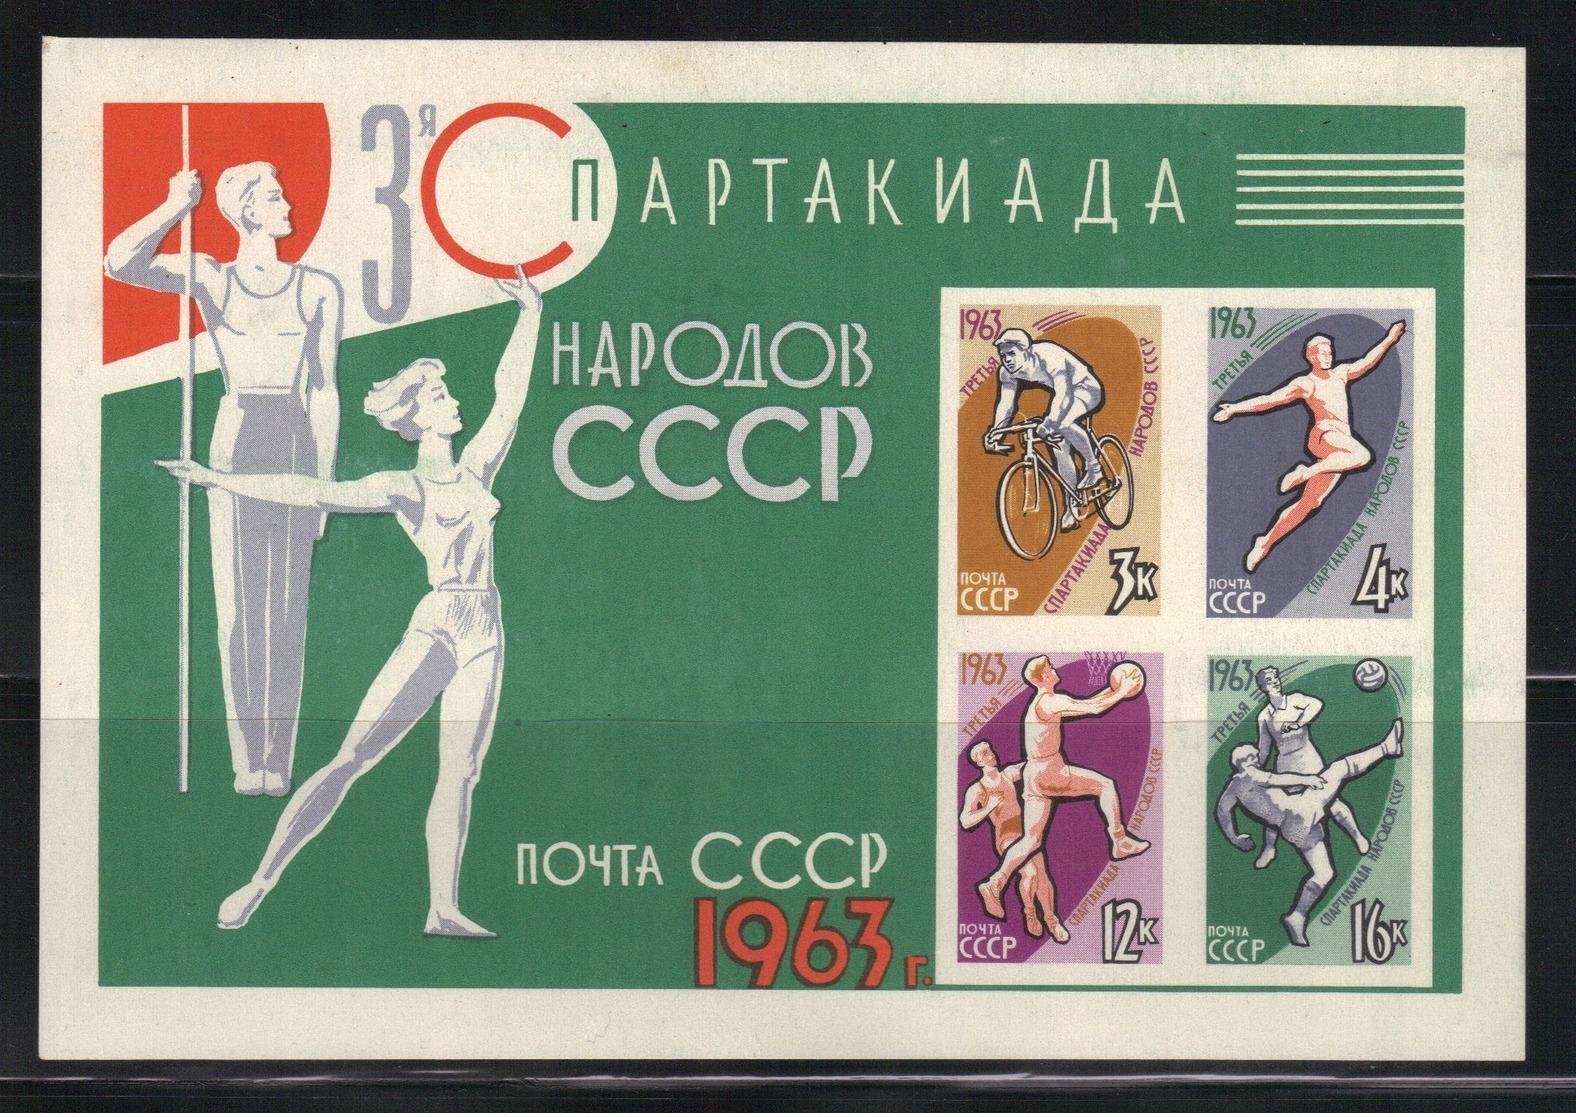 Russie URSS 1963 Yvert BF 32 Neuf** MNH (AA51bis) - Blocks & Sheetlets & Panes